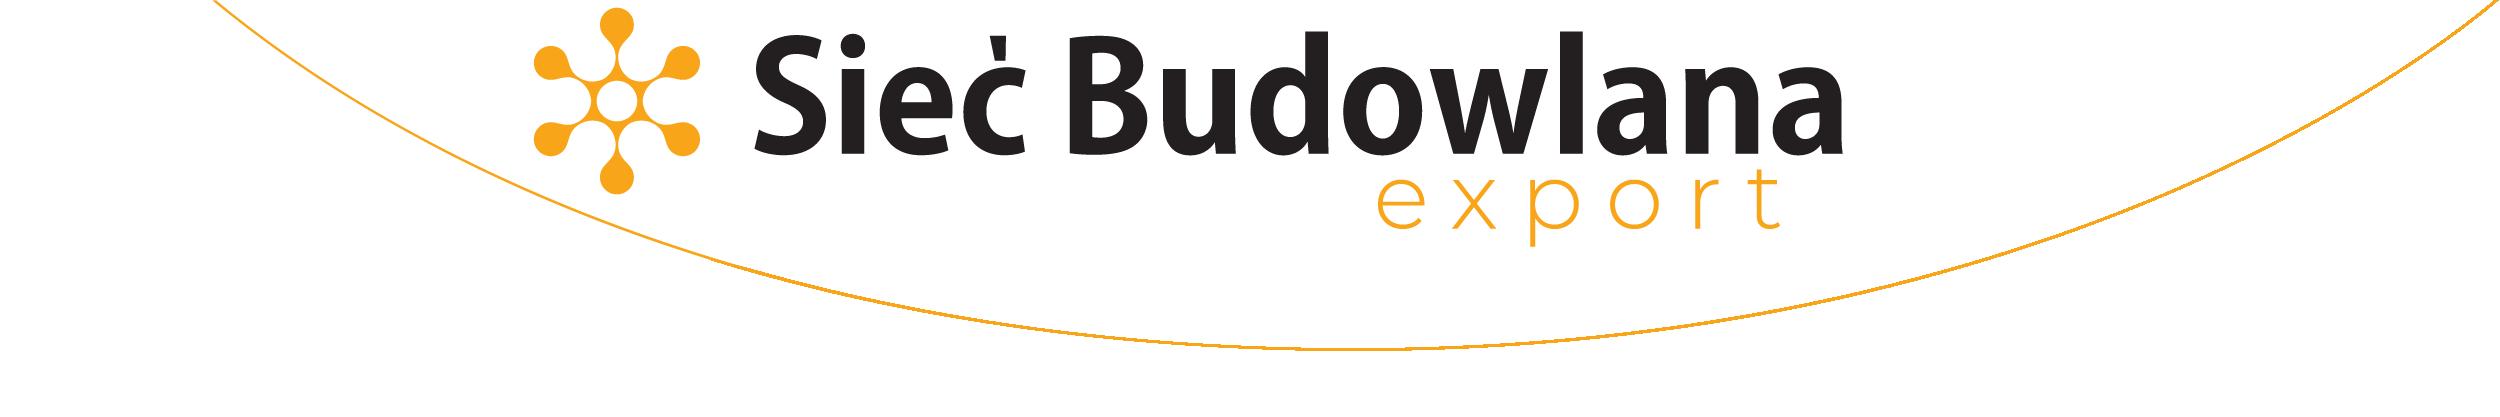 Sieć Budowlana Export Sp. z o.o.